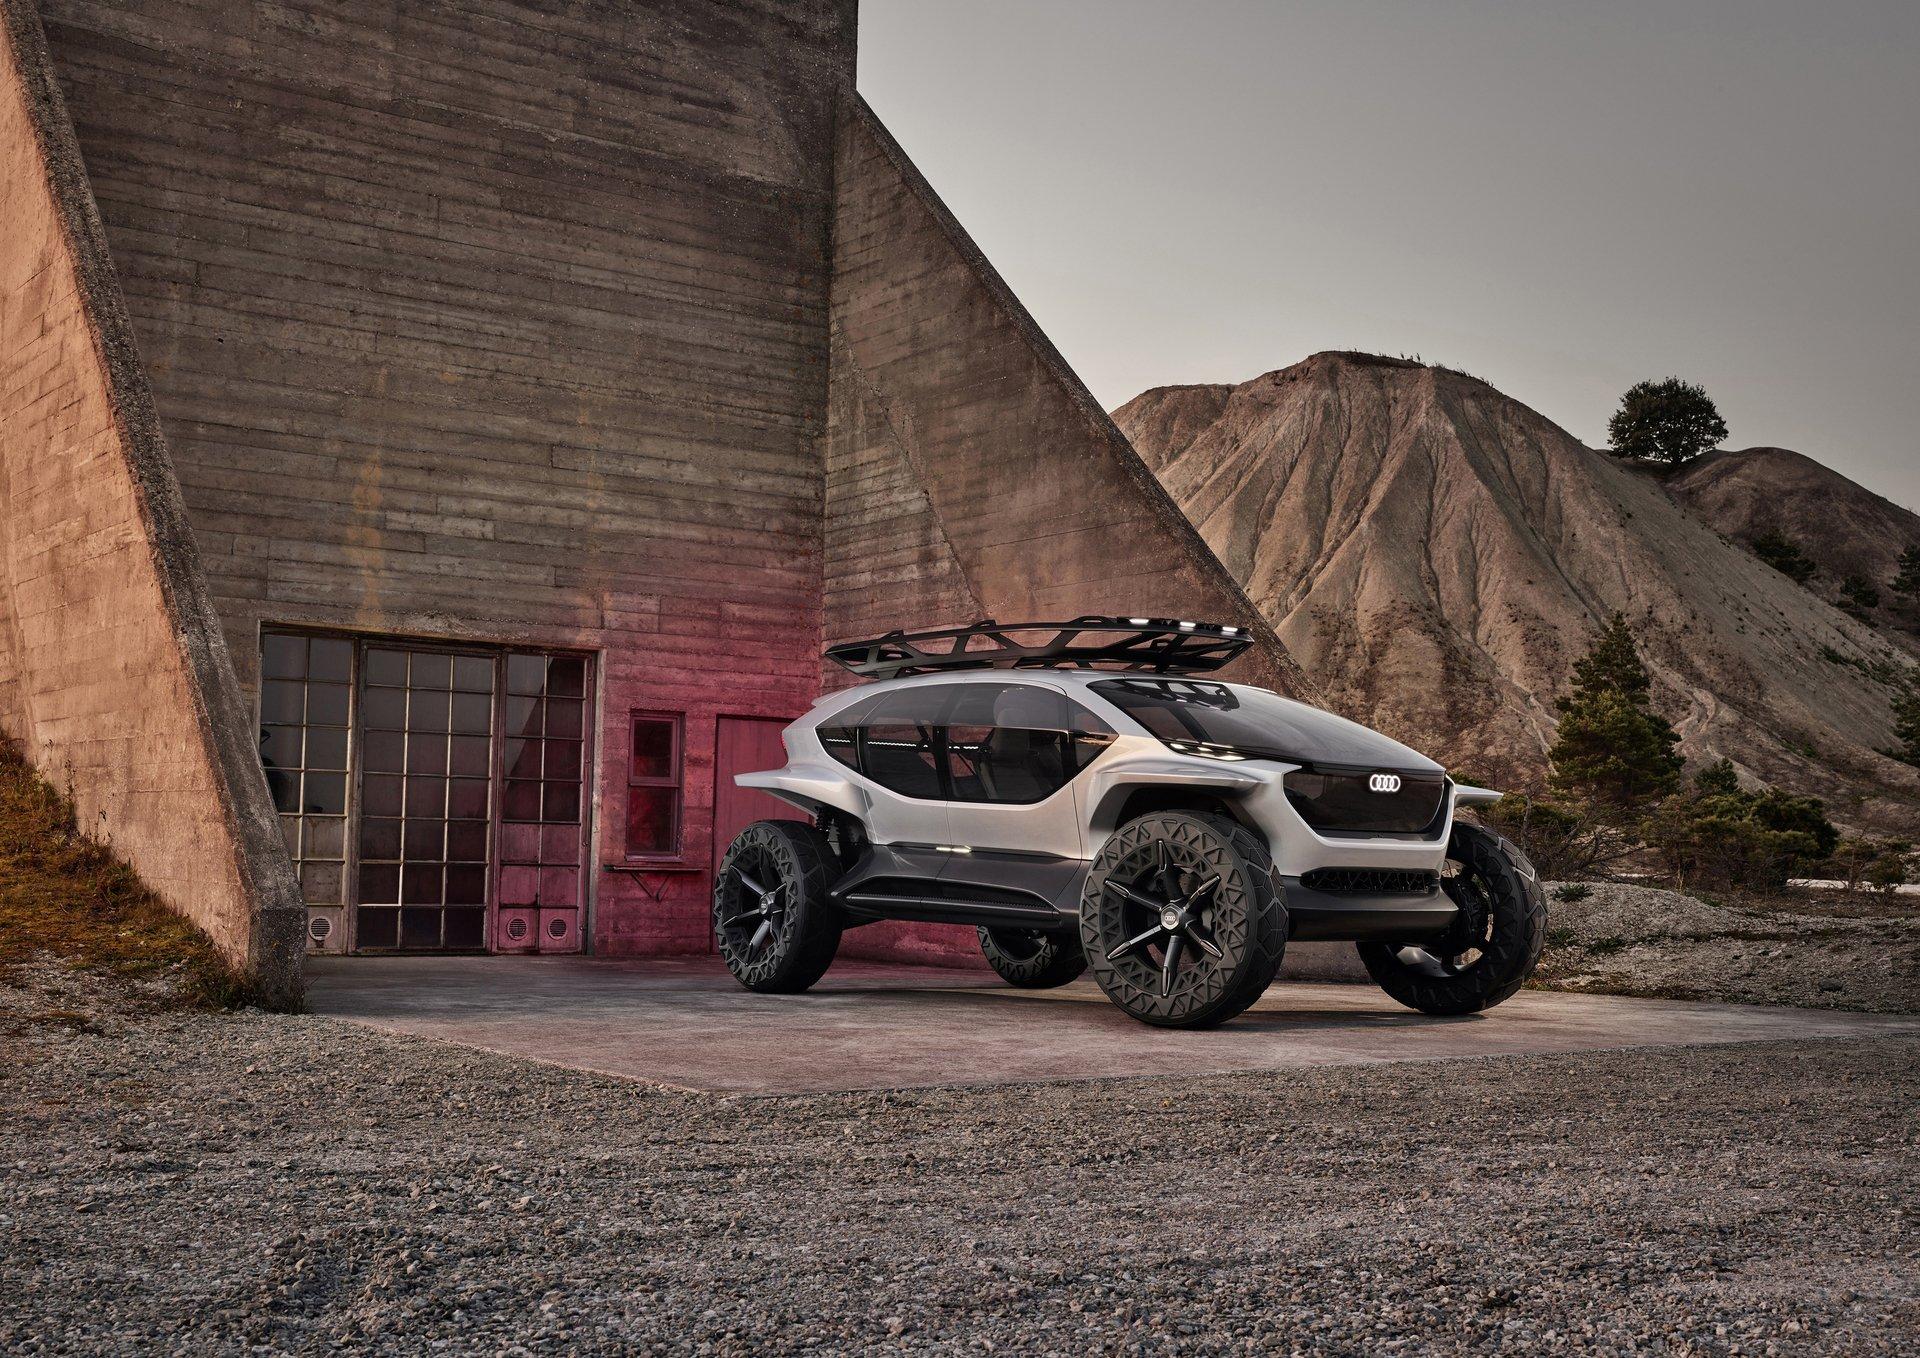 whacky and futuristic cars